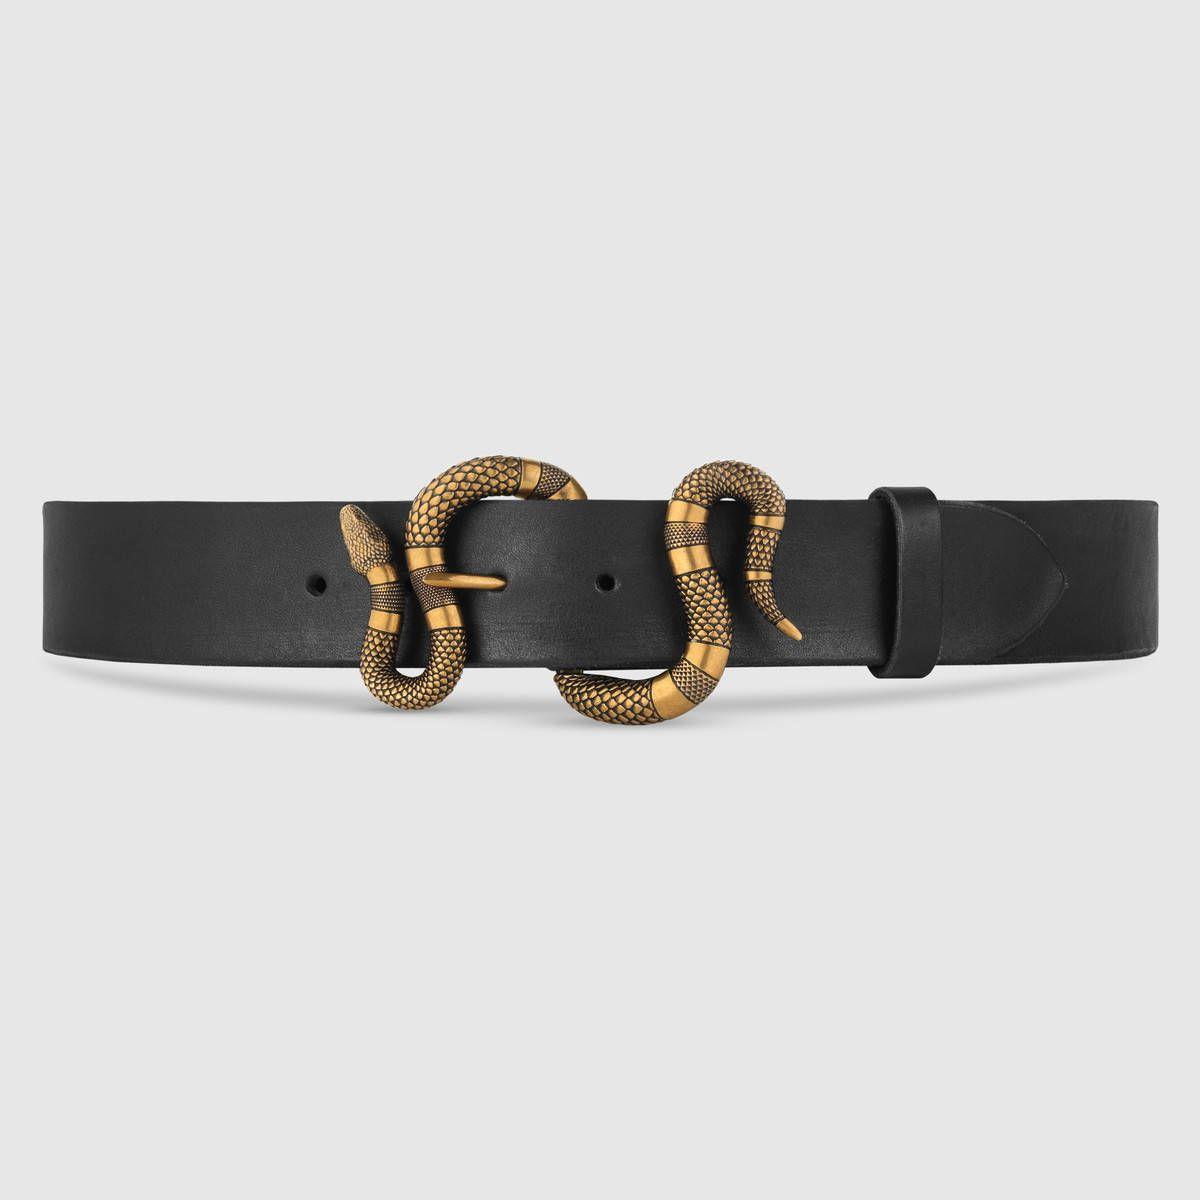 e57718b9e Cinturón de Piel con Hebilla de Serpiente en 2019 | Quiero ...